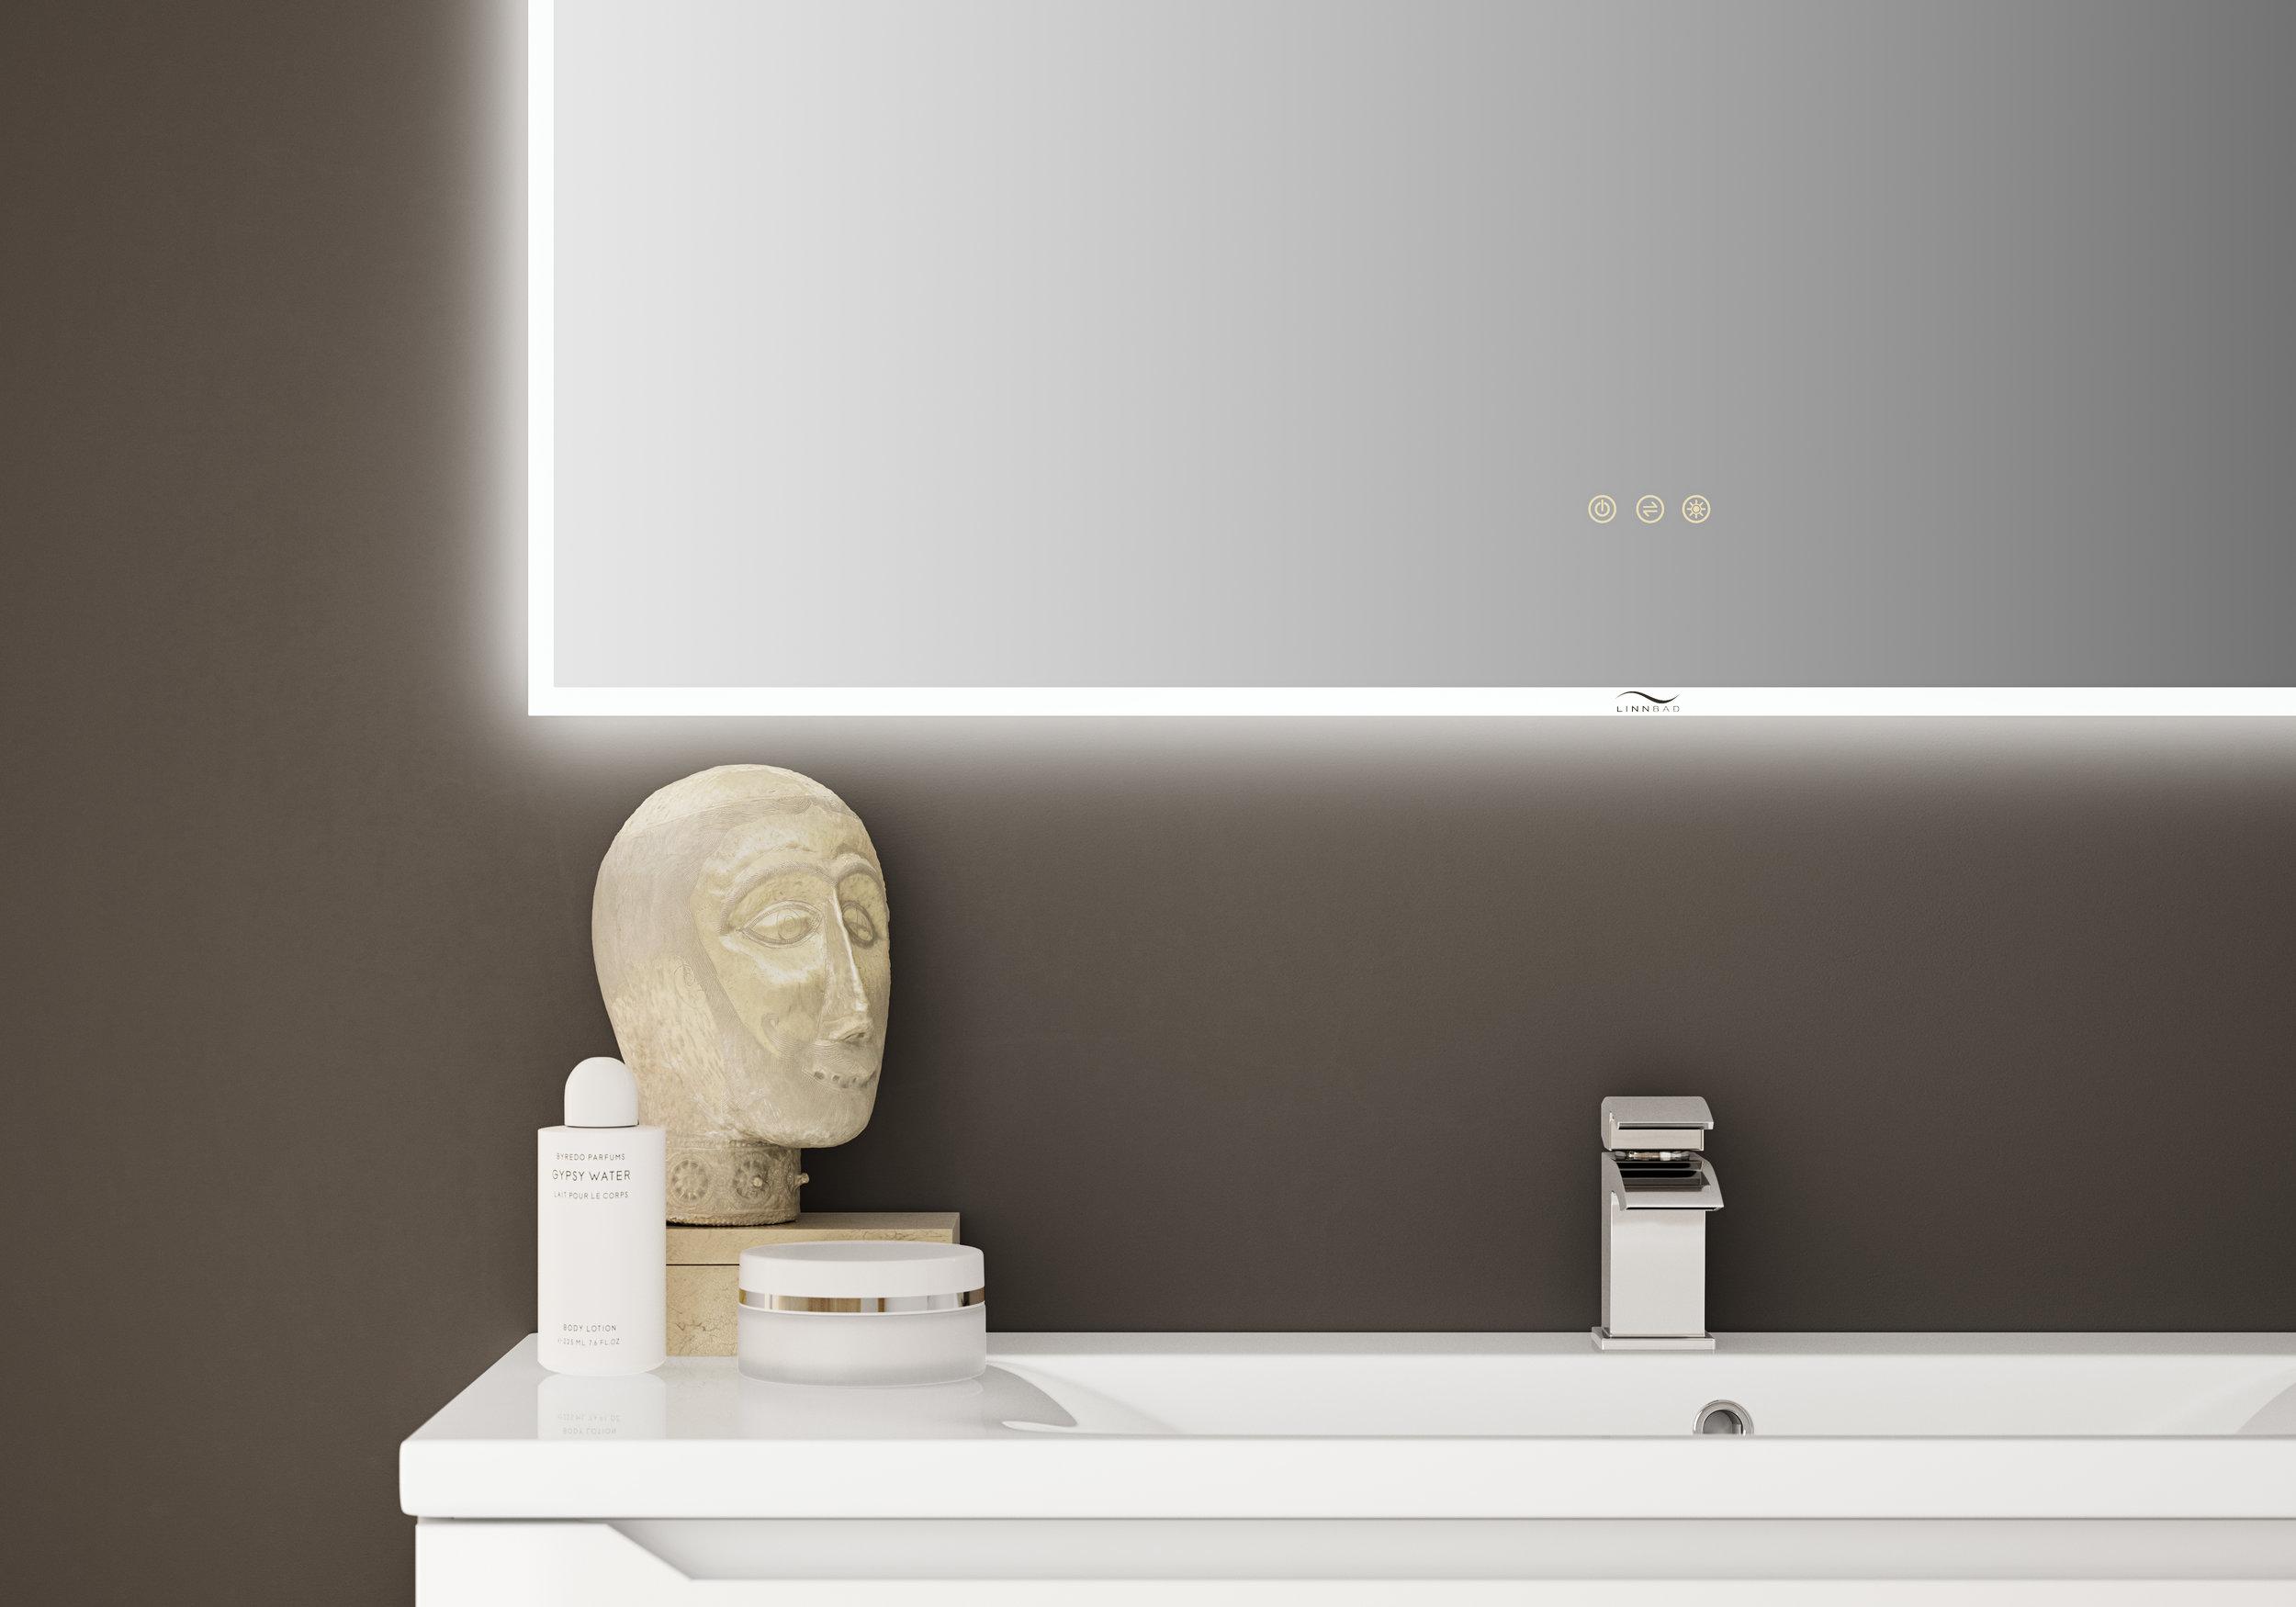 FRAMFJORD speil med brøringspanel har ulike funksjonar - dimmer, av/på, regulering av fargetemperatur og hukommelse